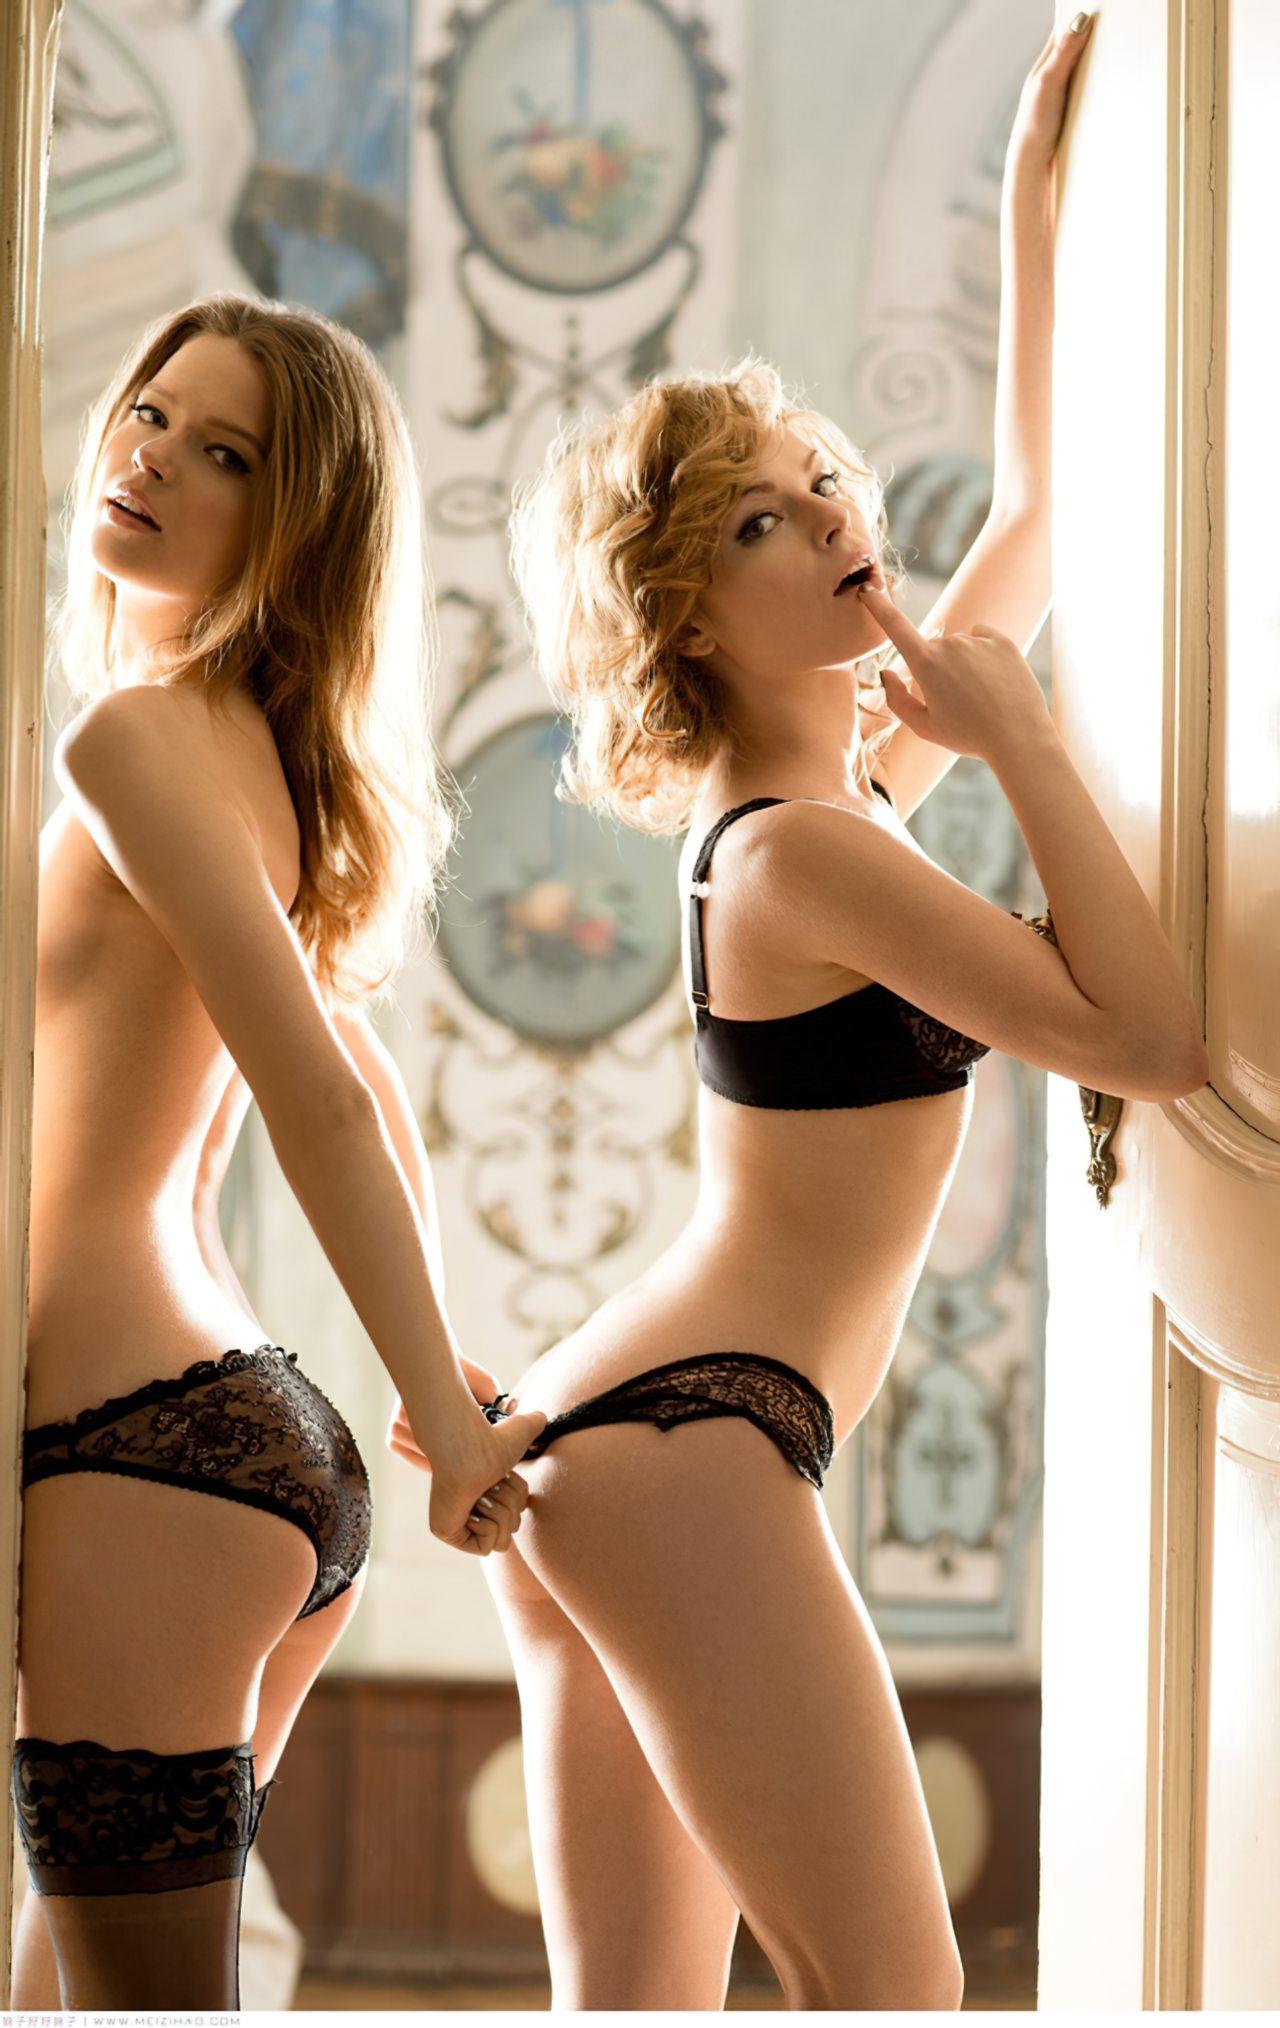 Mulheres da Playboy em Lingerie (4)